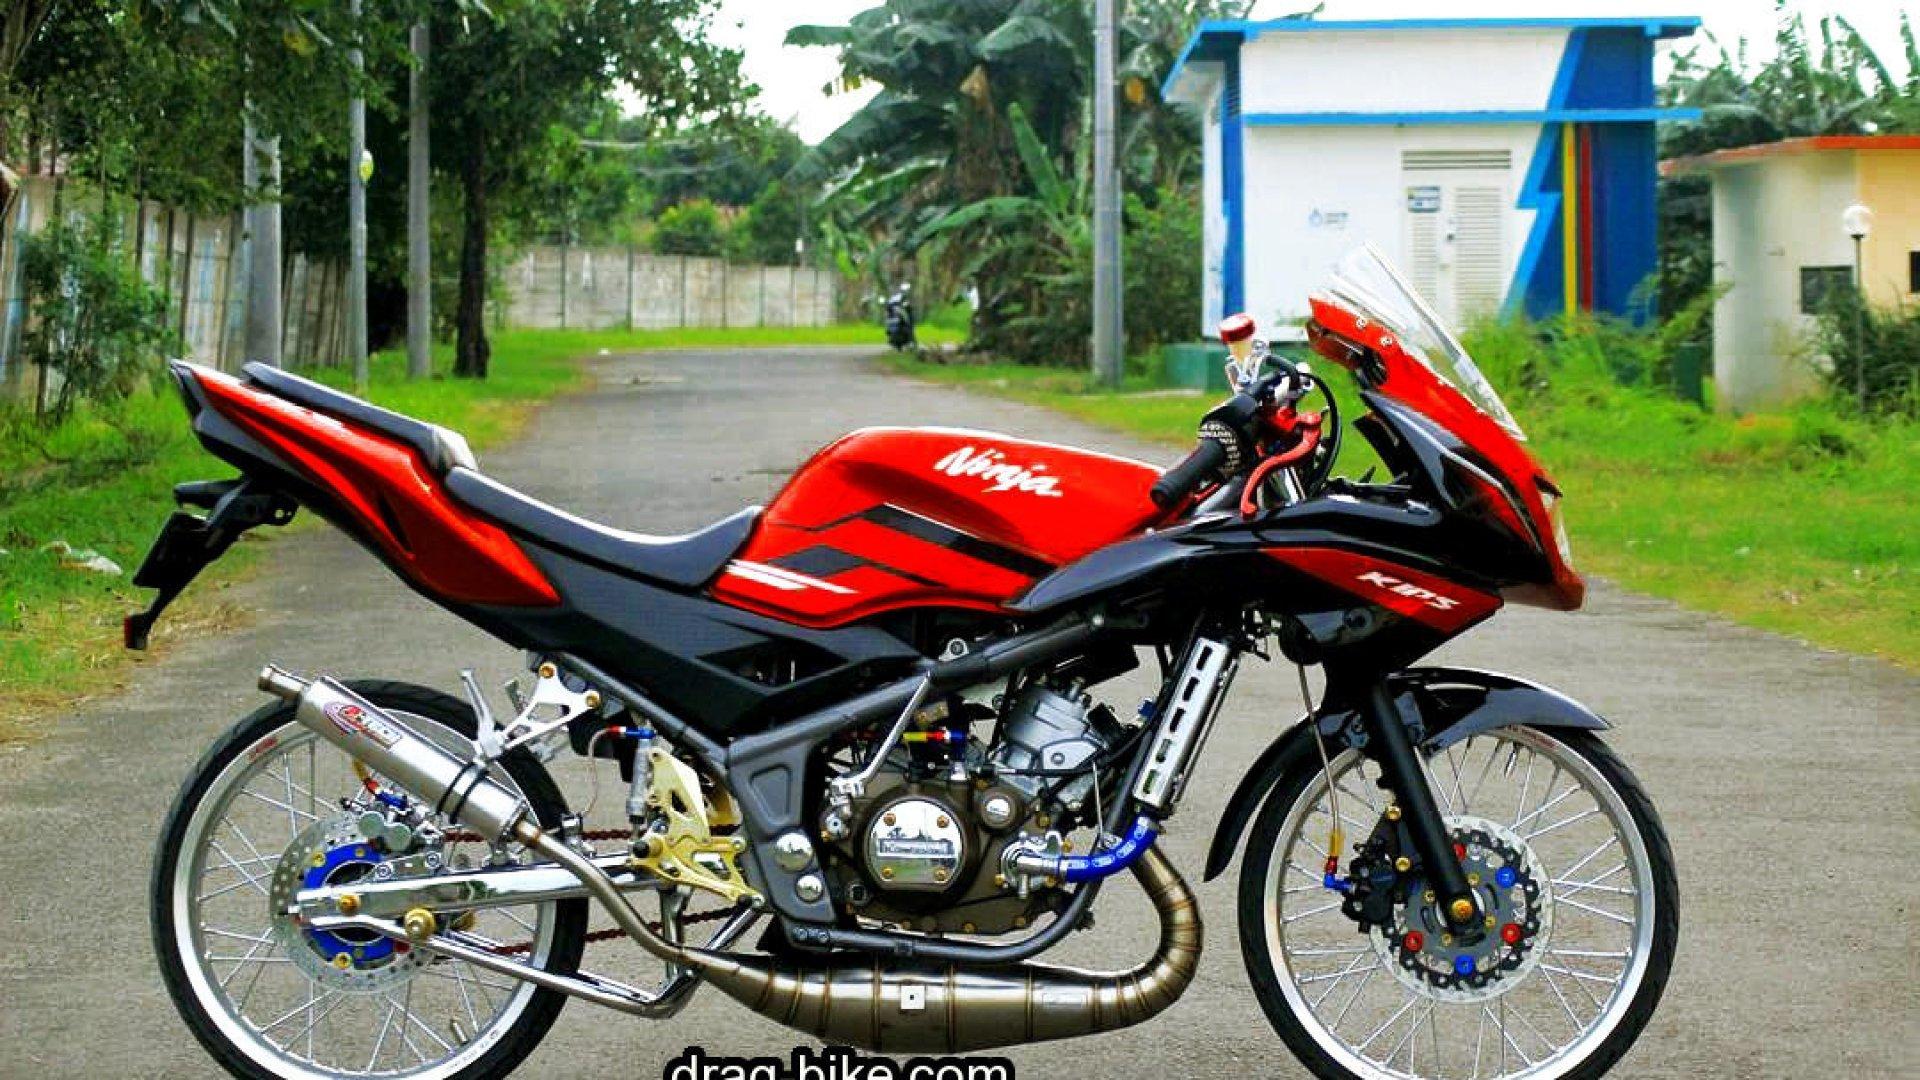 71 Gambar Modifikasi Motor Drag Bike Terkeren